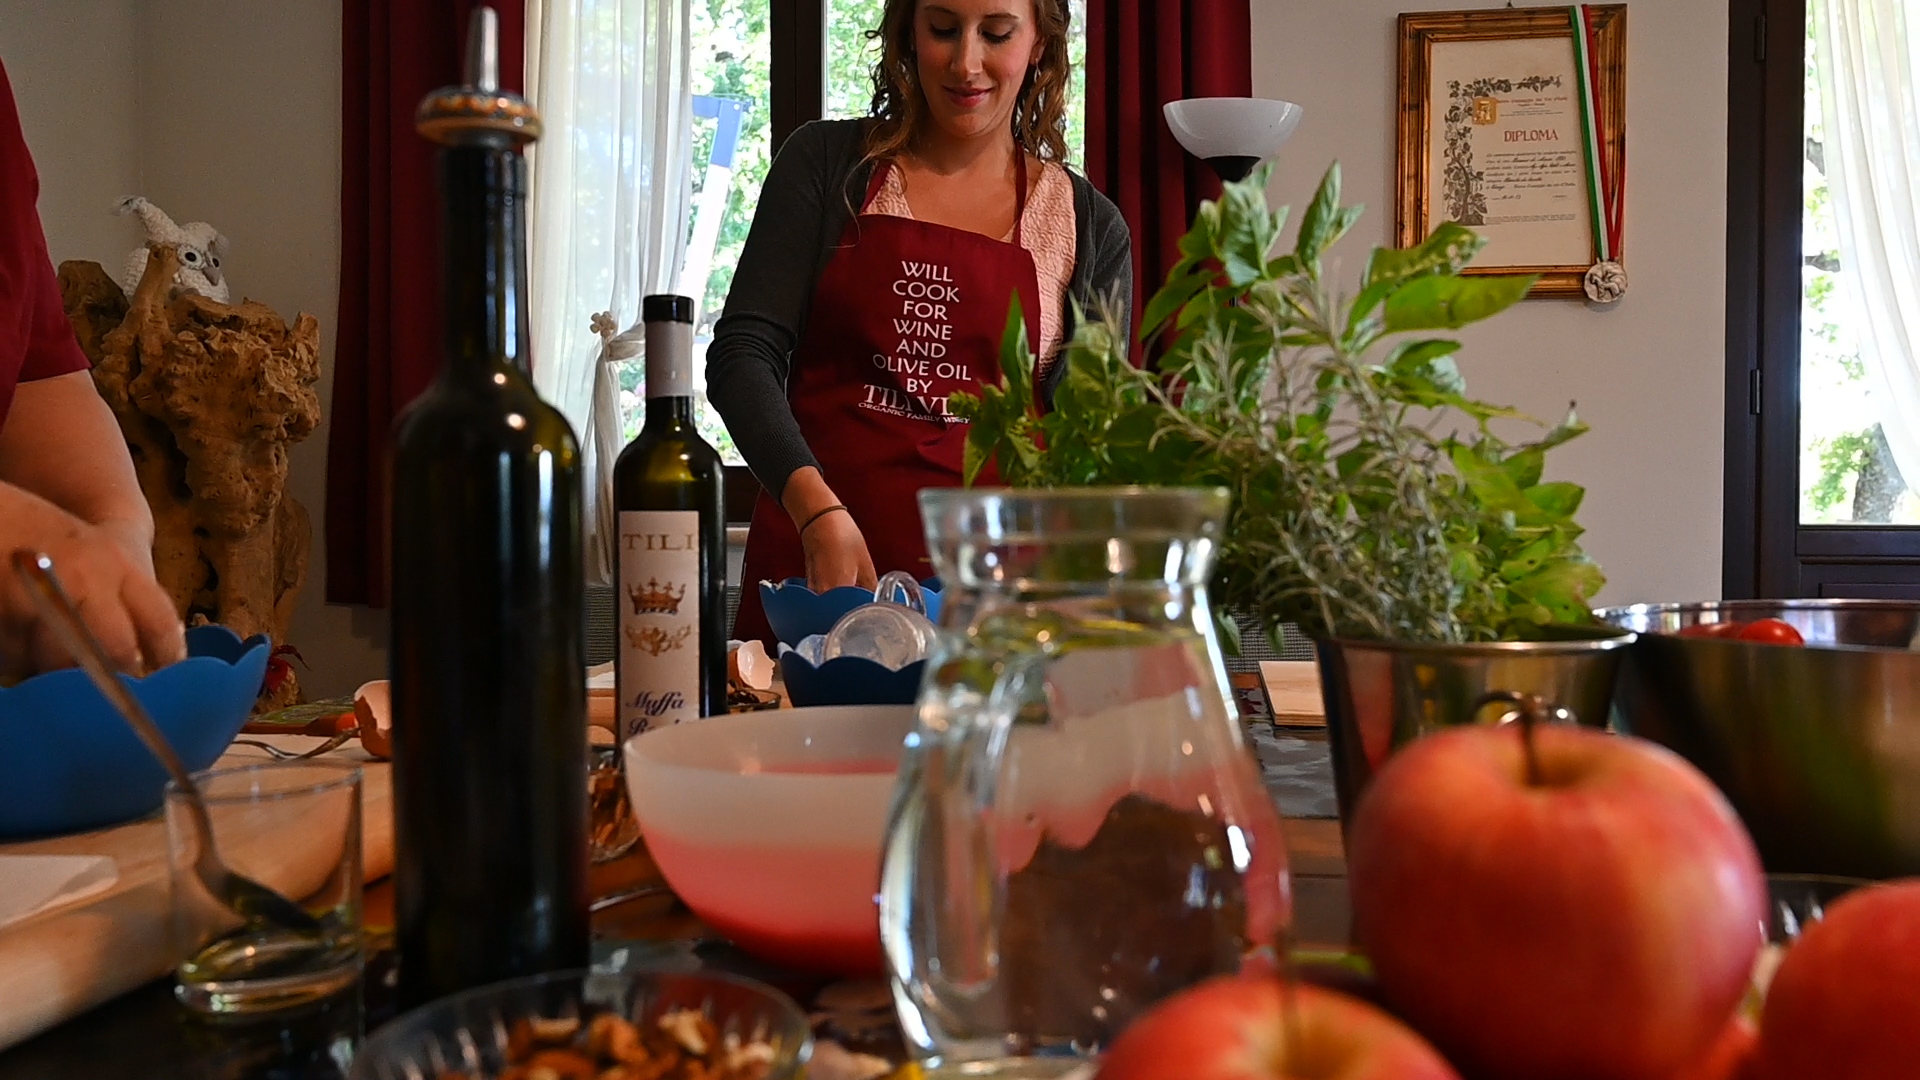 Esperienza sensoriale Assisi Tili Vini - Lezioni di cucina Umbra 10